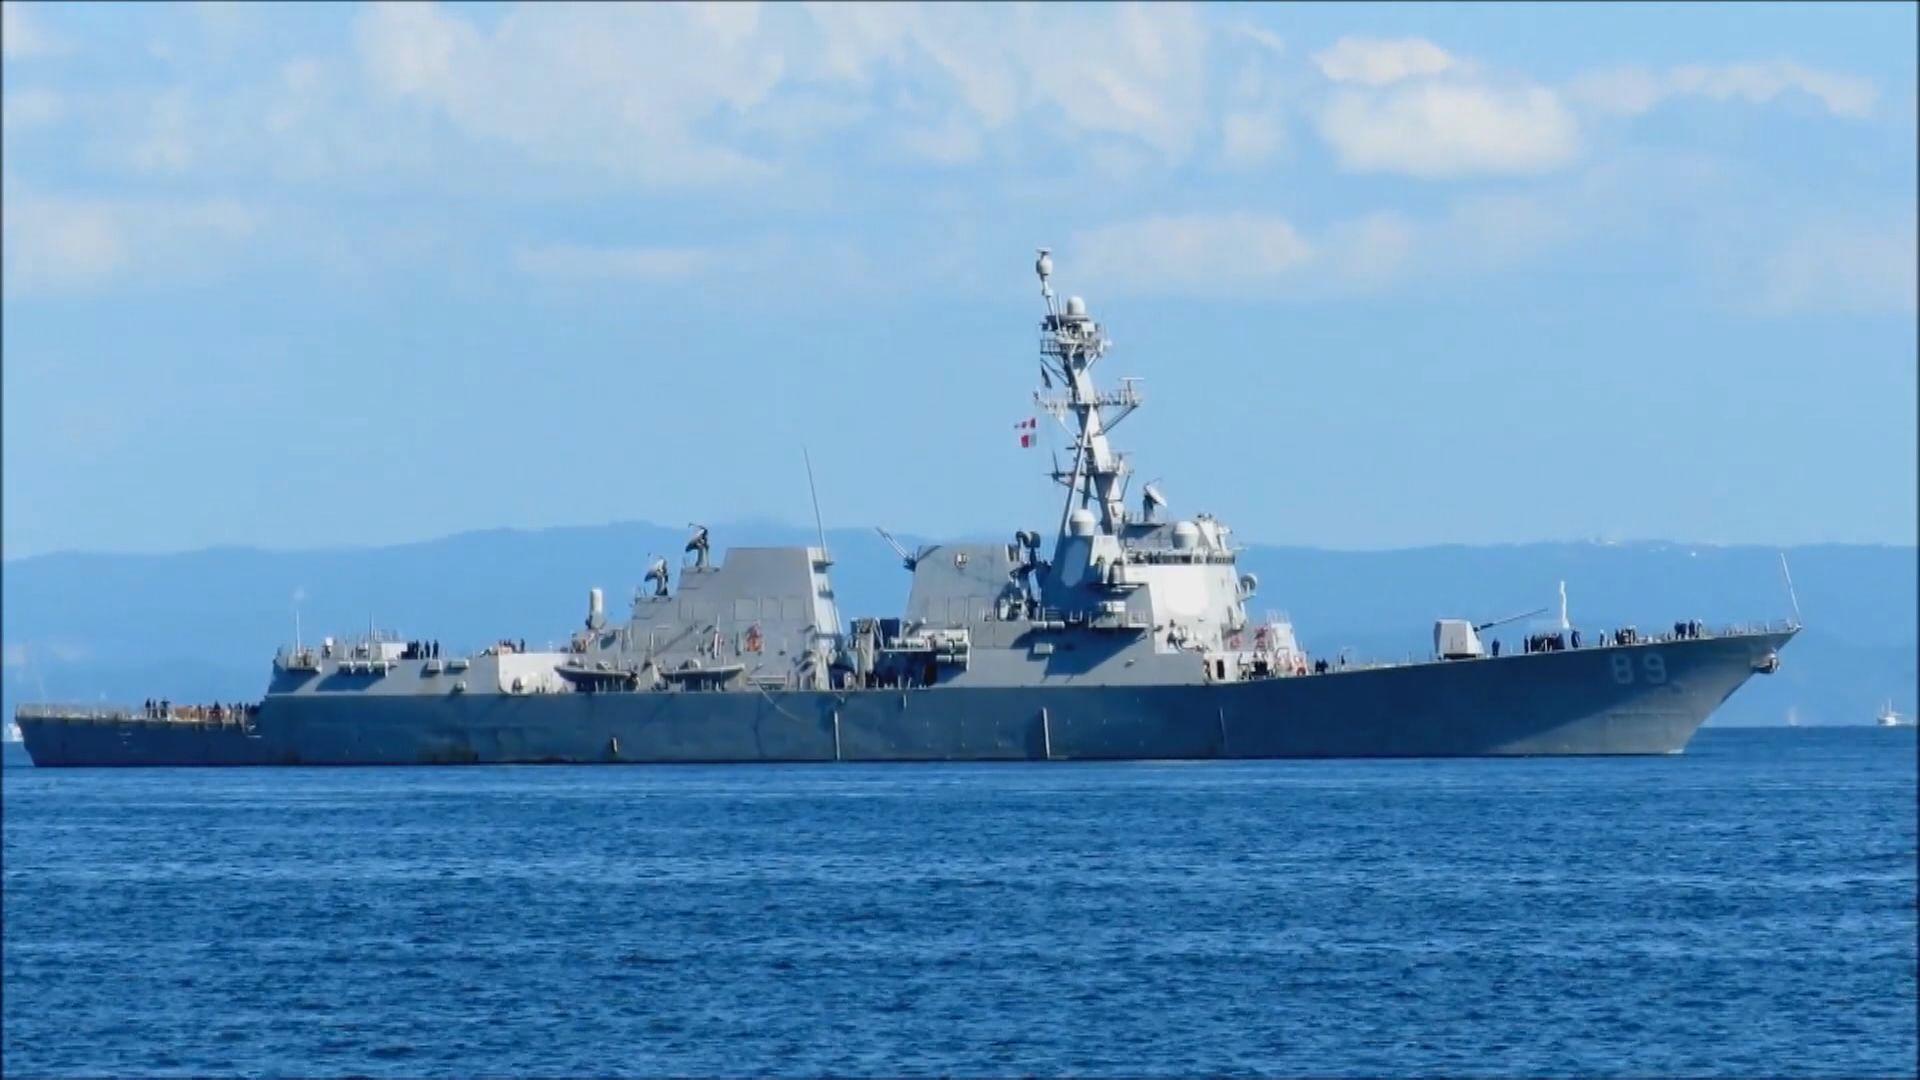 美軍馬斯廷號驅逐艦通過台灣海峽 解放軍全程監視